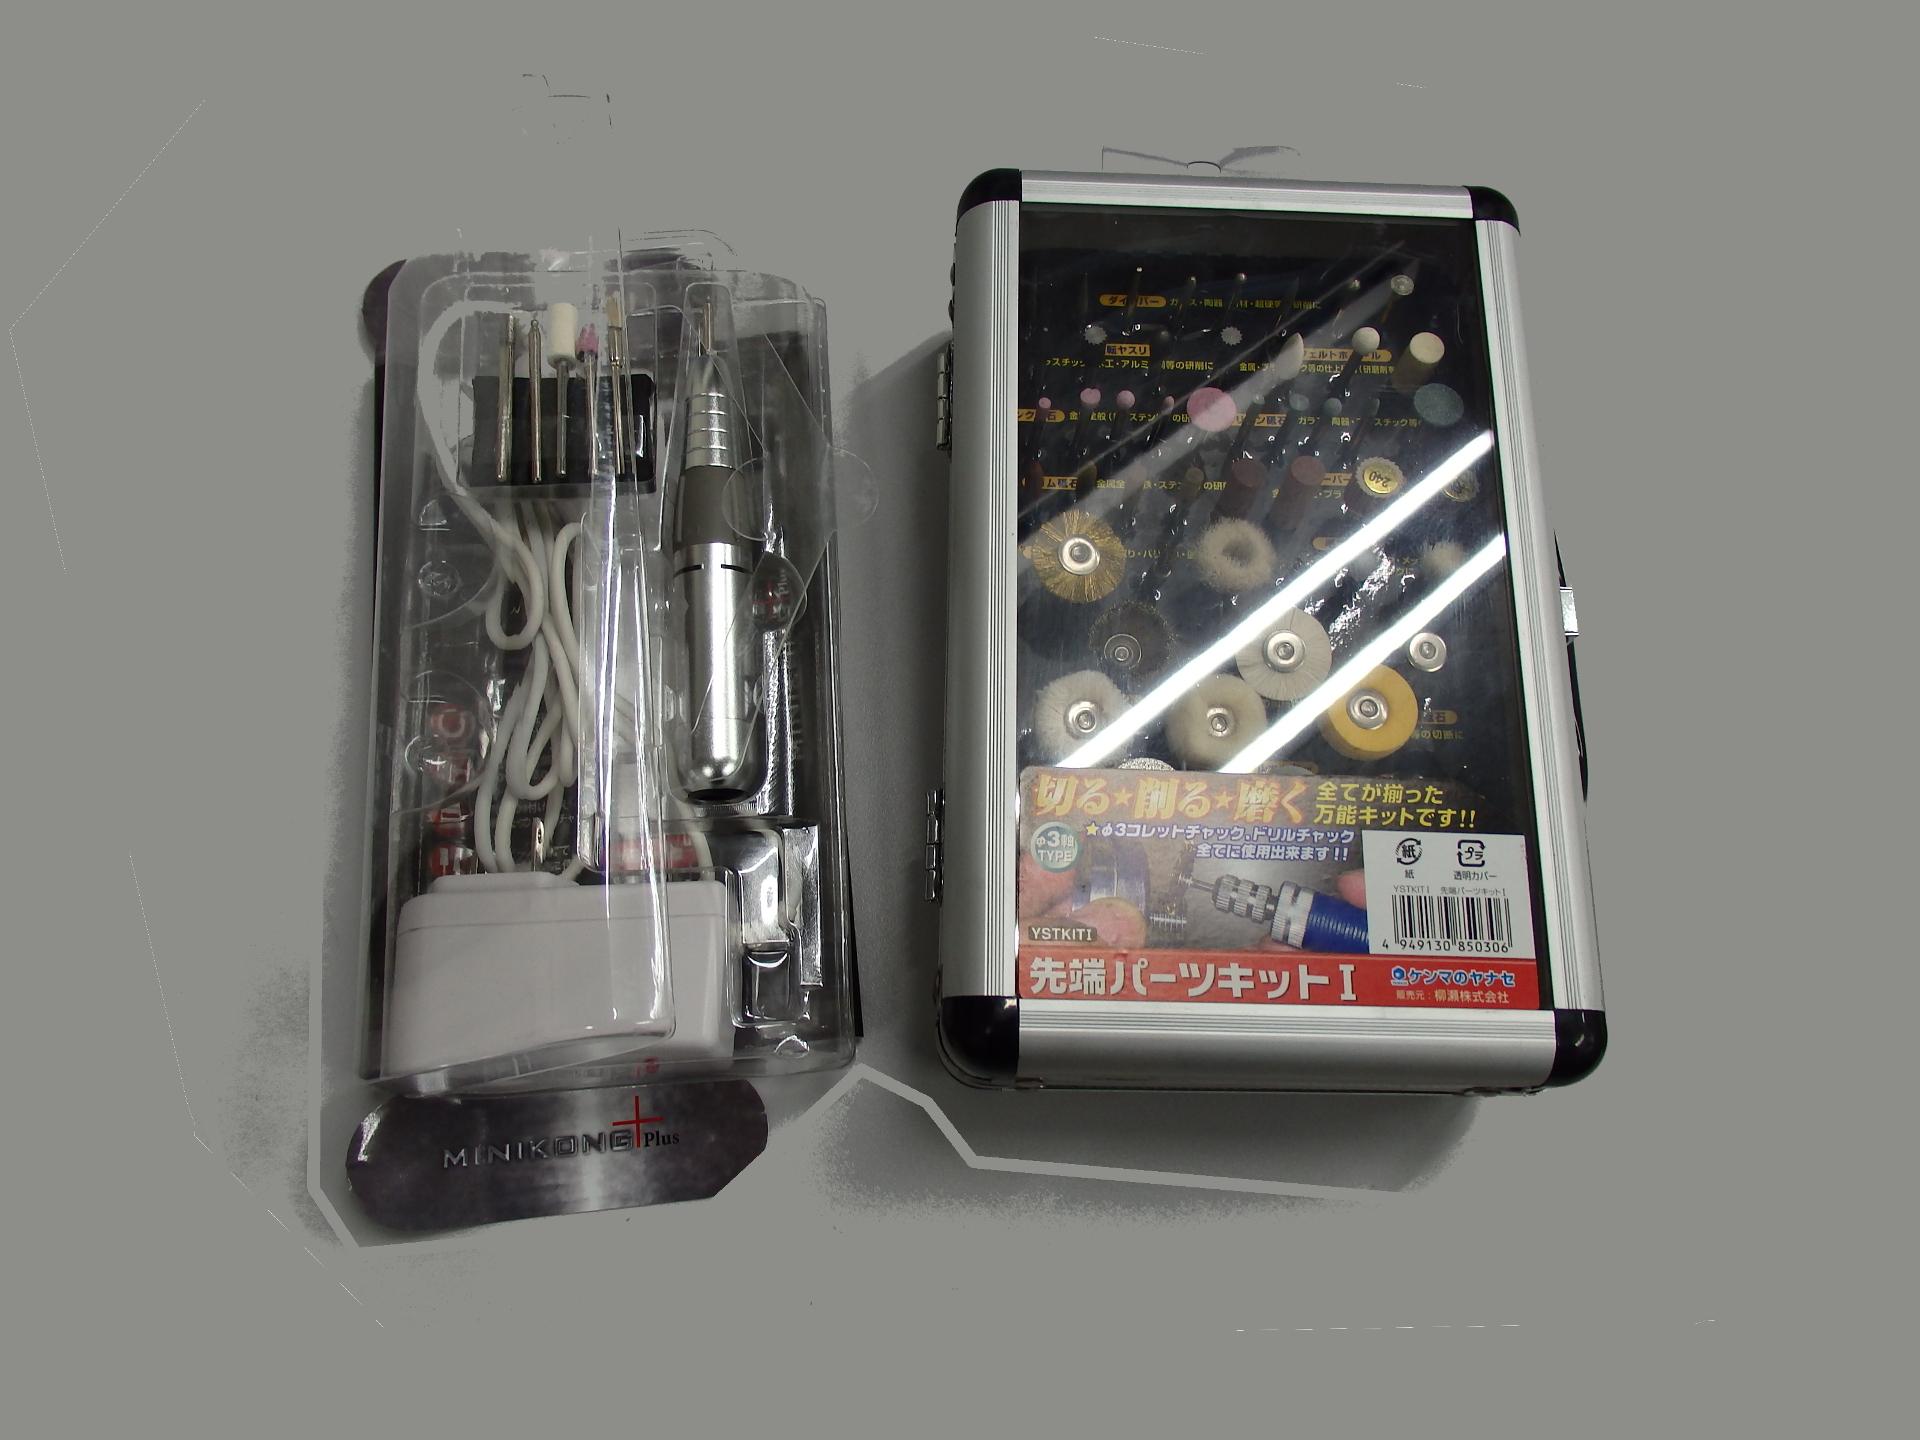 小型リューター・ツールセット込みで1万円ポッキリです。